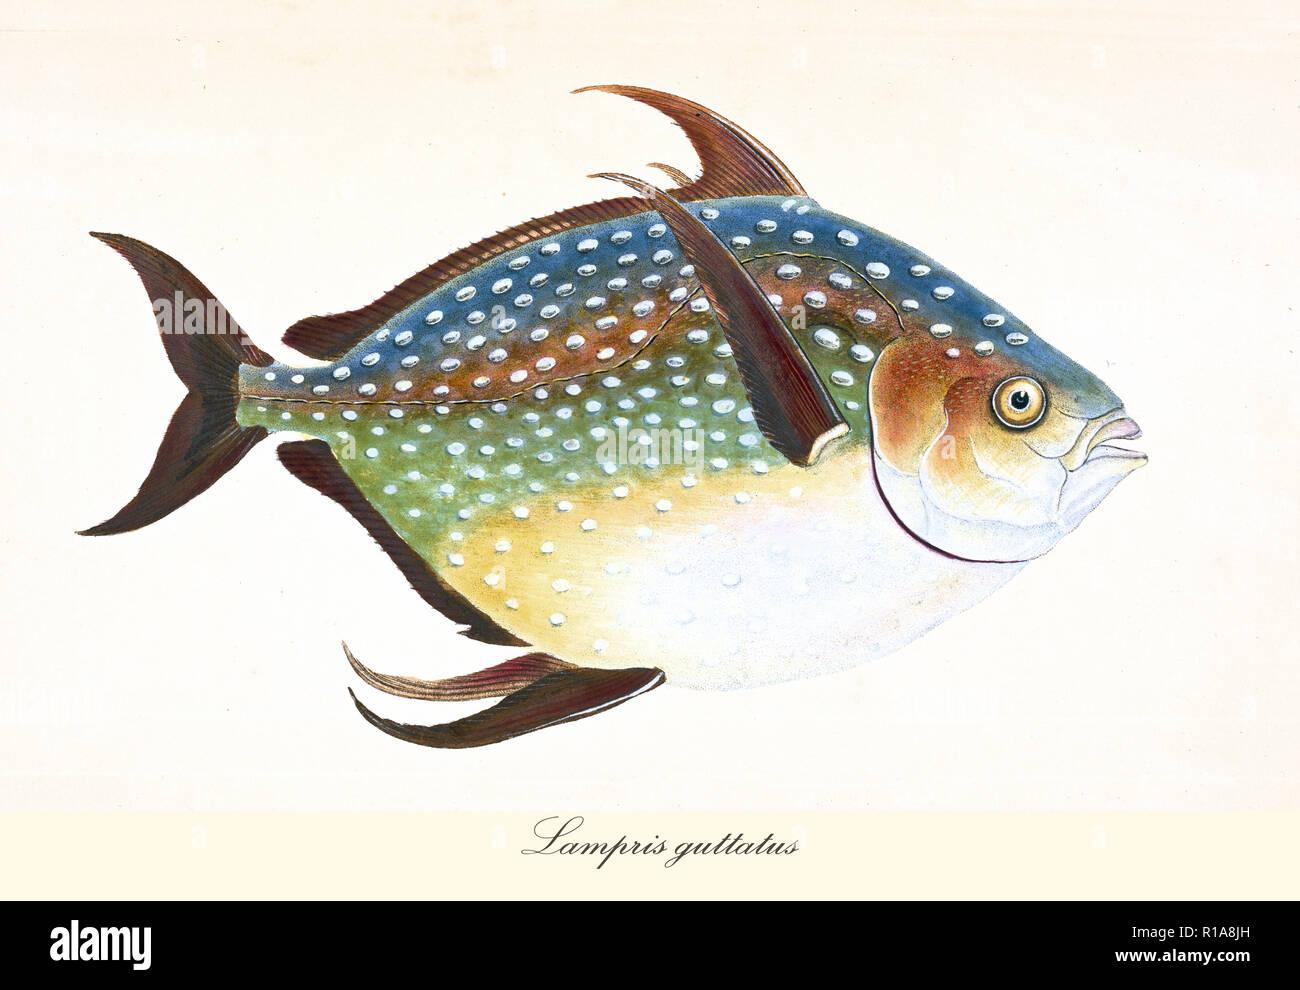 Alten bunten Abbildung: Opah (Lampris guttatus), Seitenansicht der Bunten abgerundeten Fisch mit seiner Haut mit weißen Punkten, isolierte Elemente. Von Edward Donovan. London 1802 Stockfoto